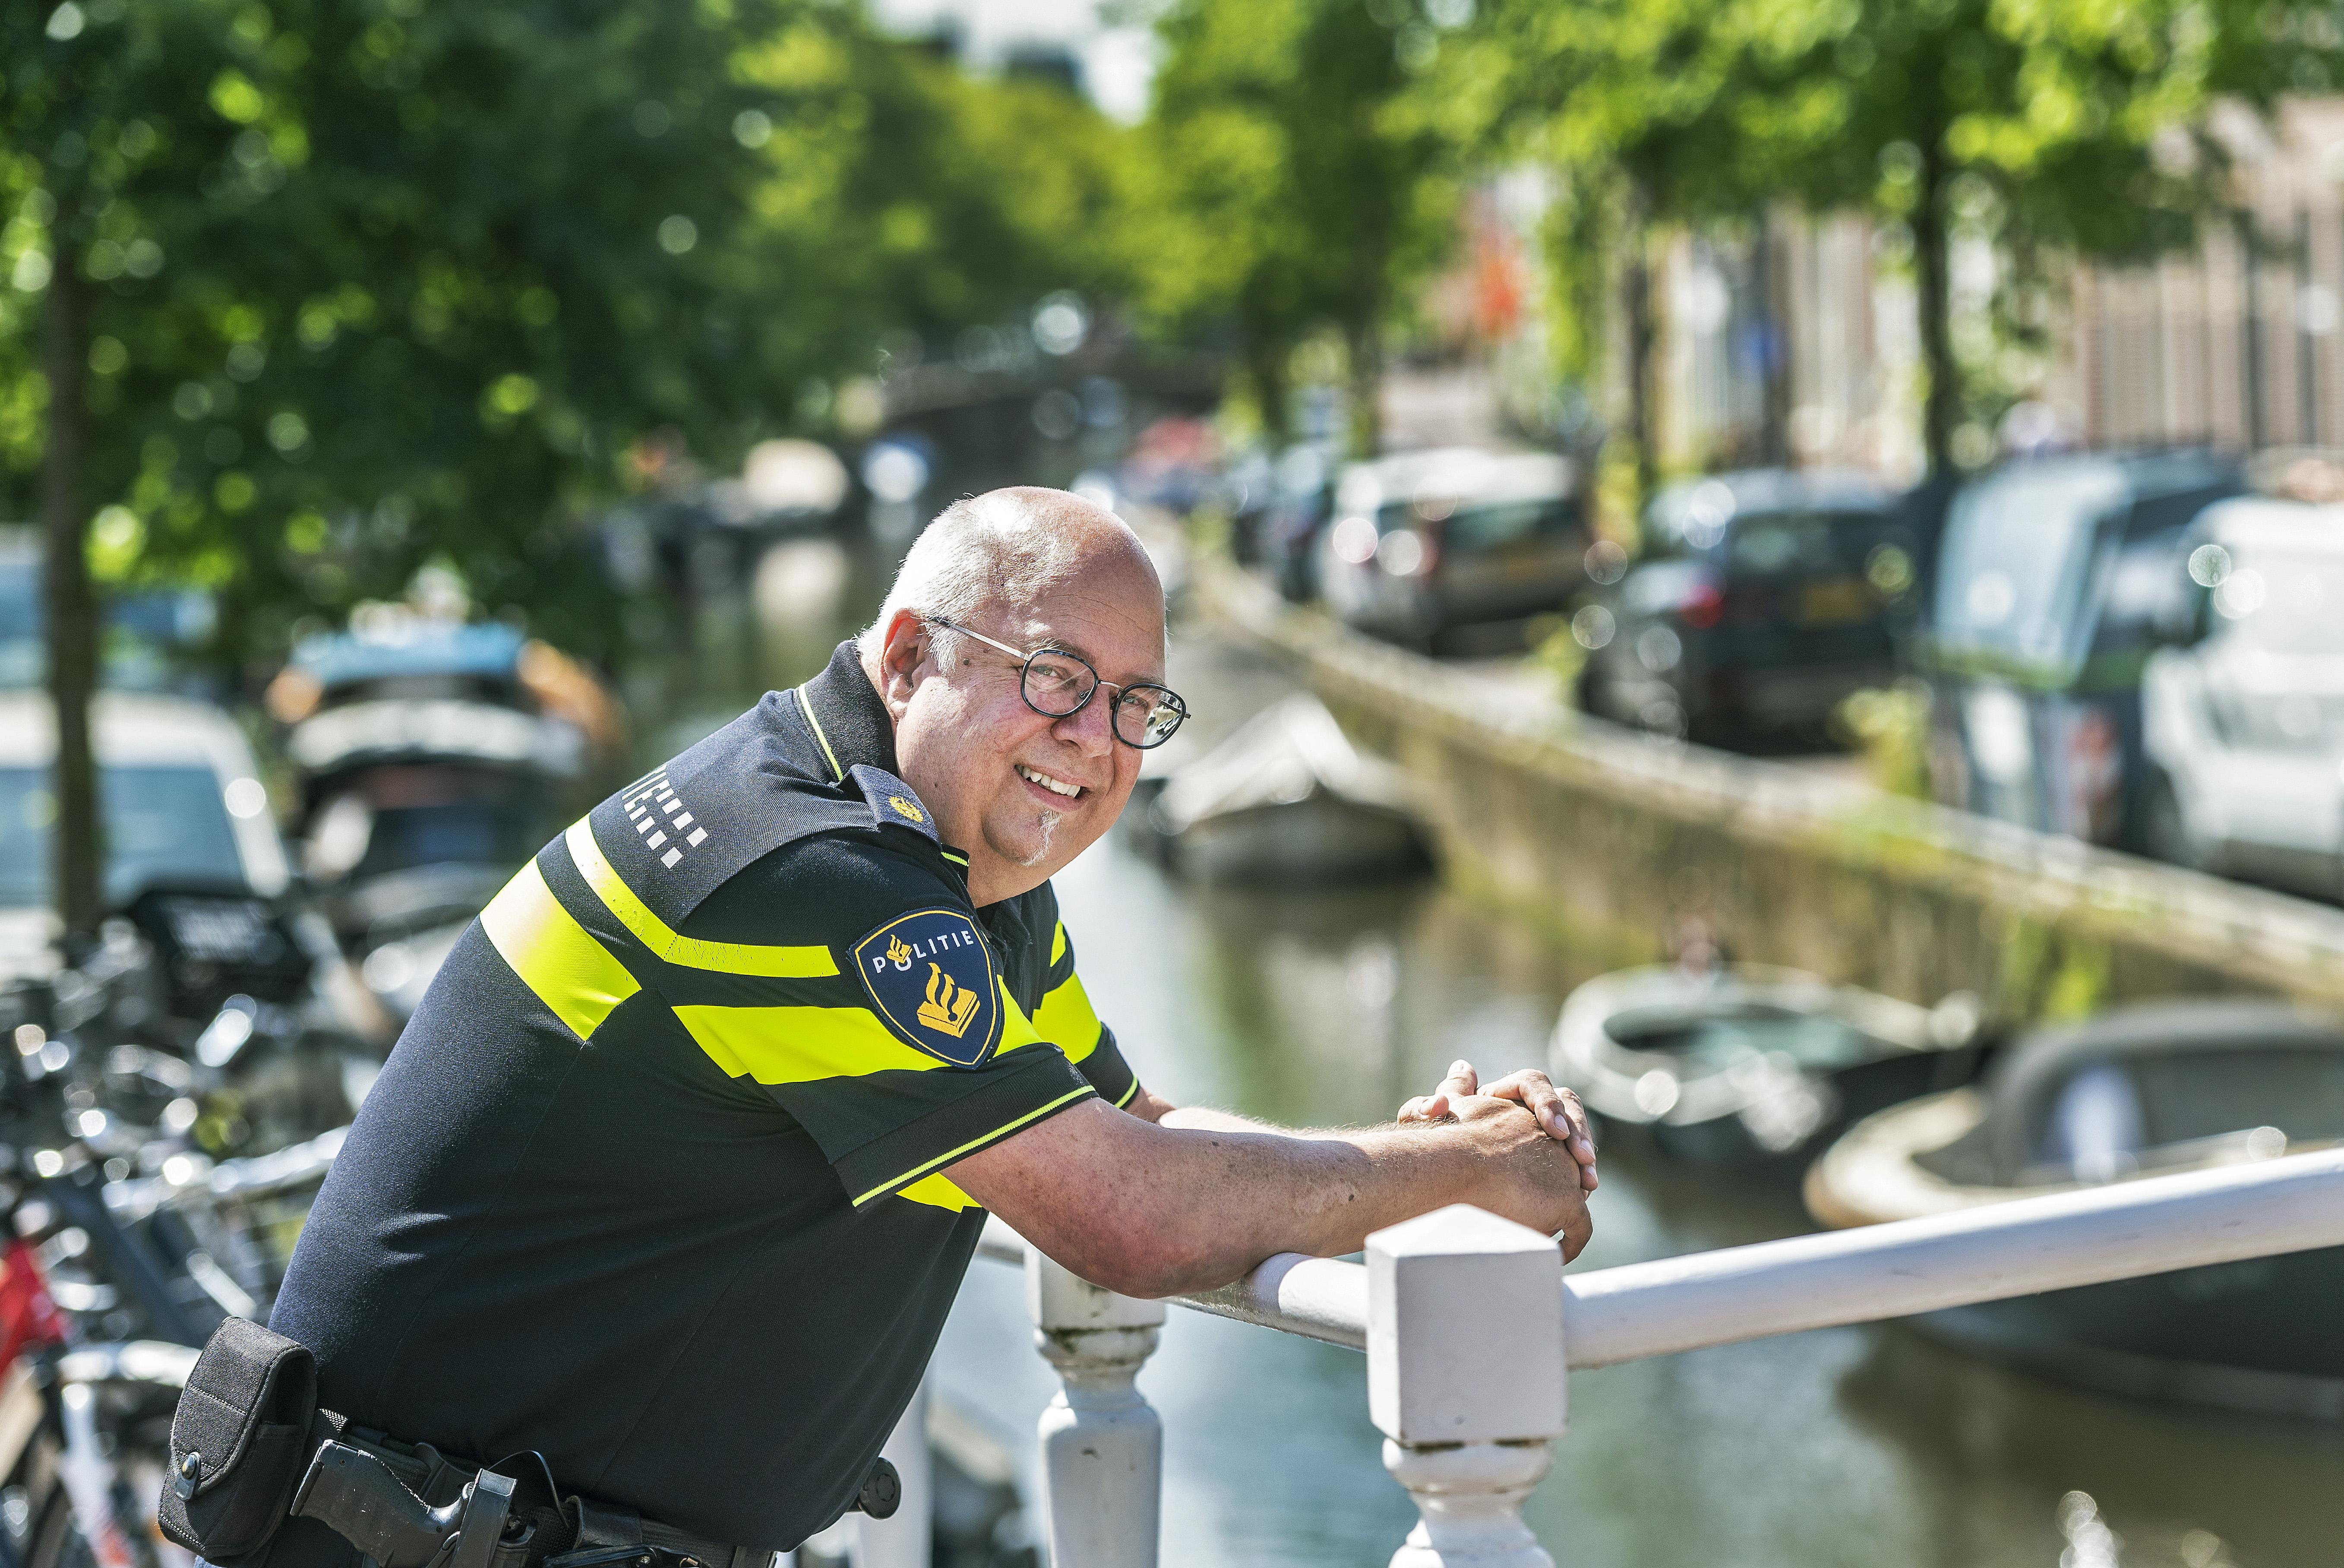 Wijkagent Frits de Vries neemt na 42 jaar afscheid van Haarlemse politie. 'Ik kom uit een tijd dat je dingen creatief kon oplossen als politieman. Mensen direct helpen. Dat mis ik nu'